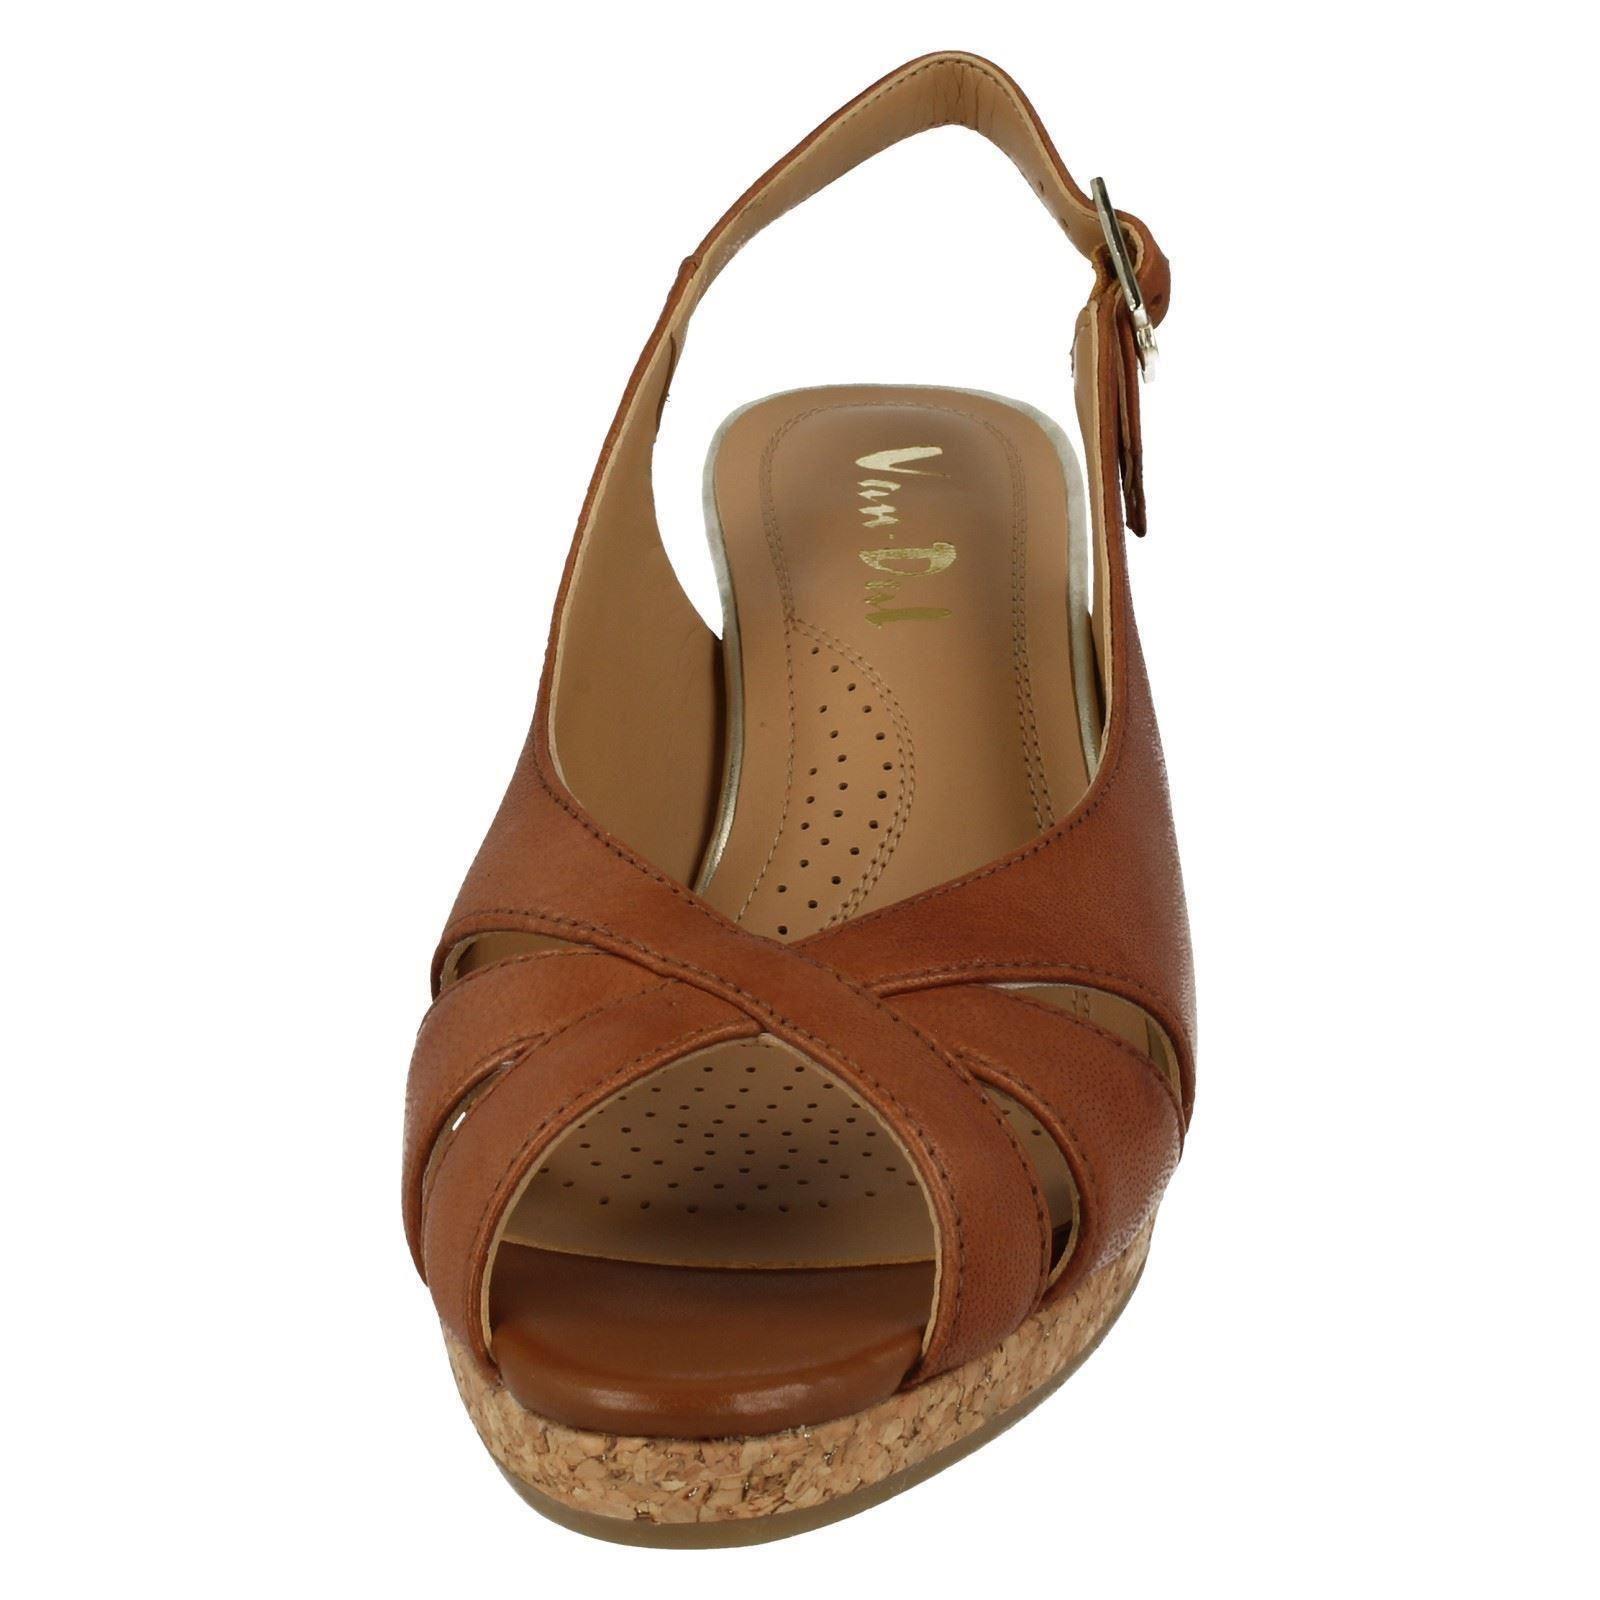 Femmes Van Dal Été des sandales compensées